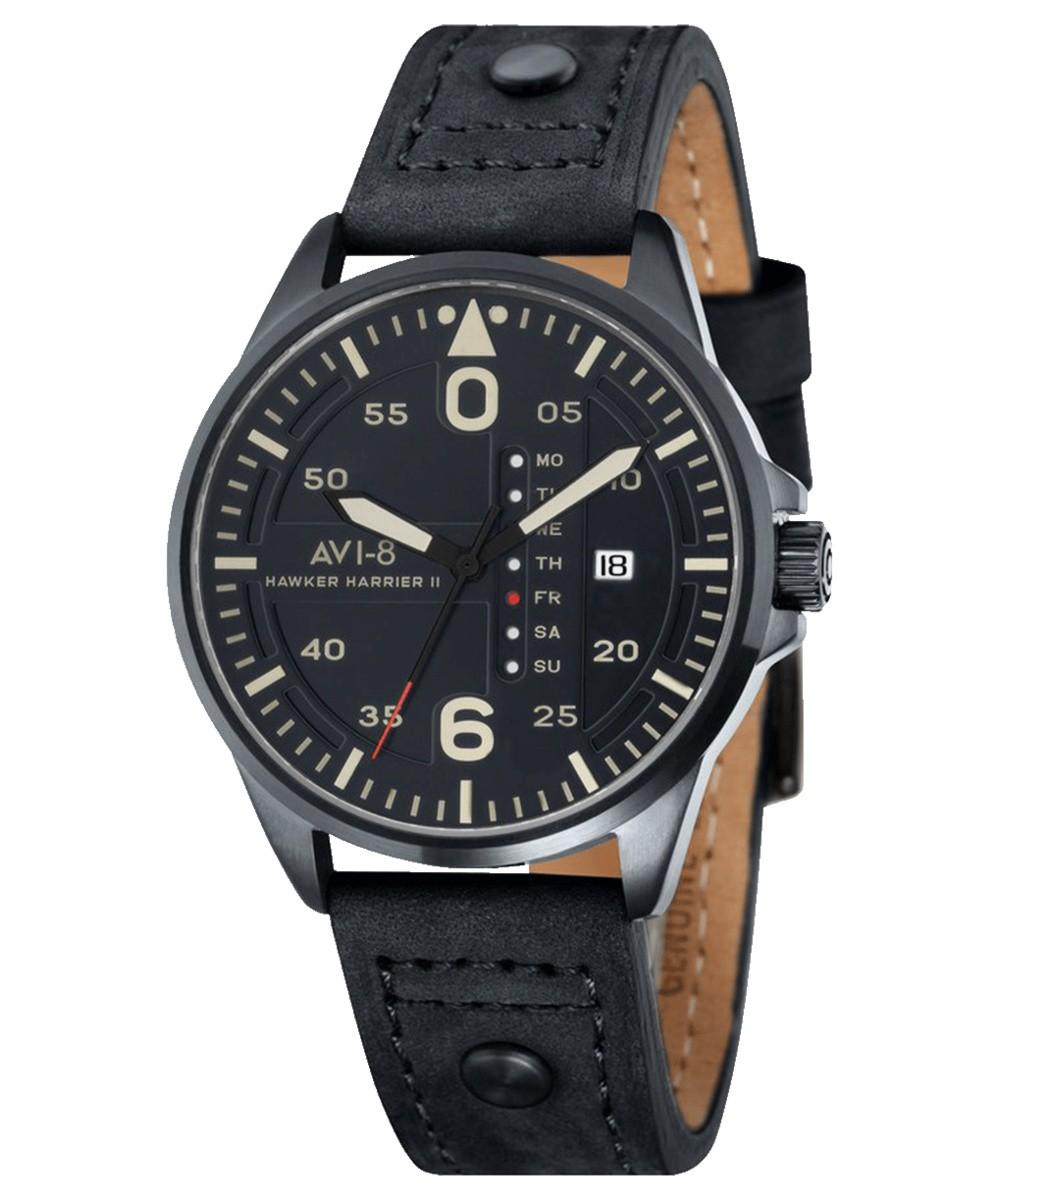 Avi-8 Black Hawker Harrier II Watch